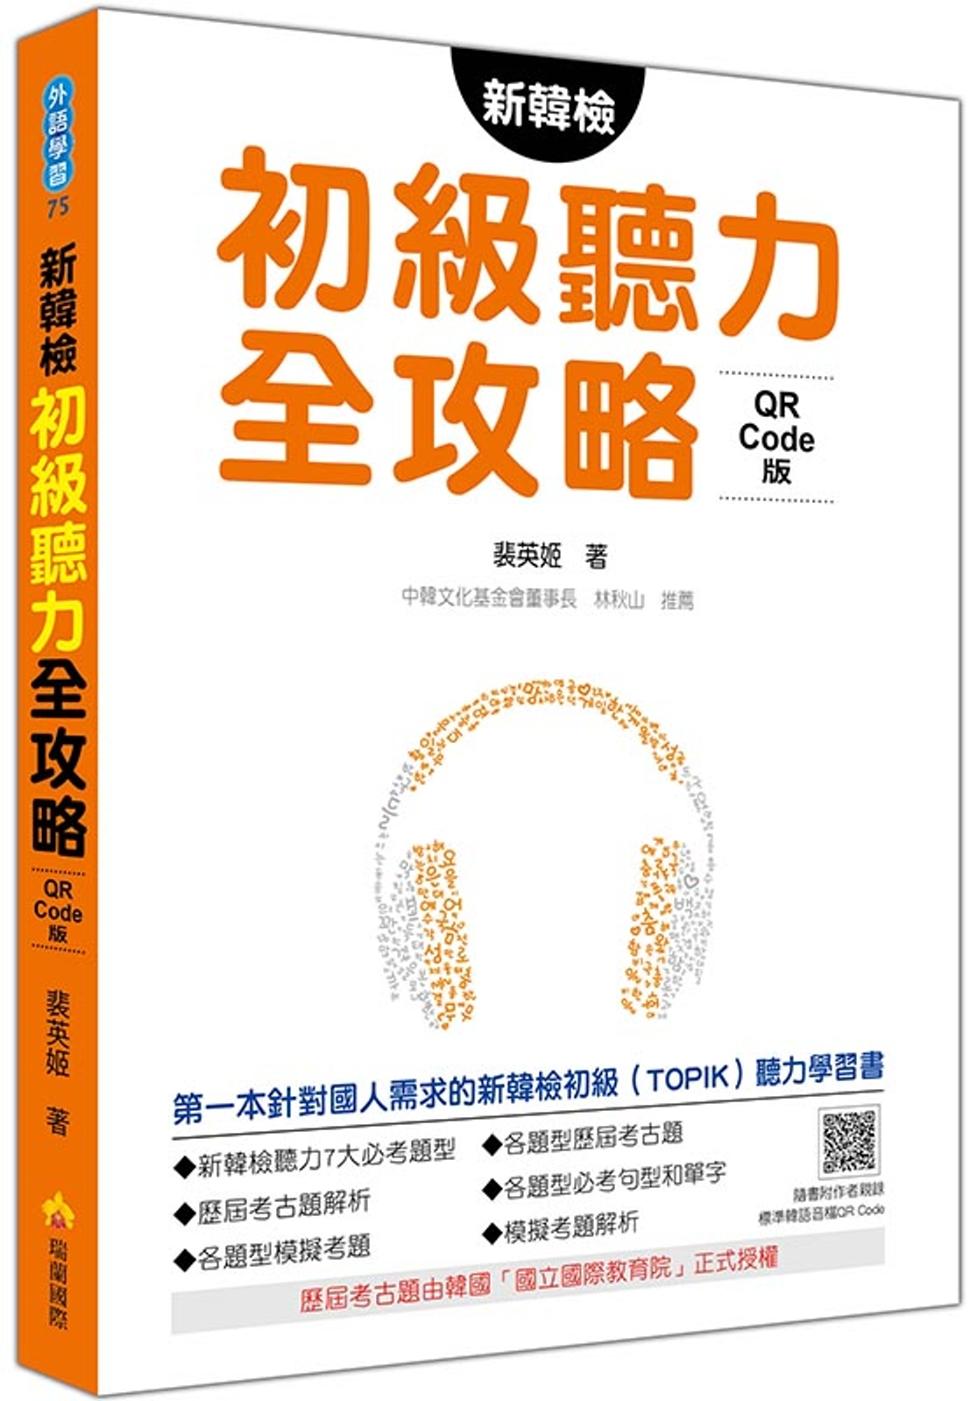 新韓檢初級聽力全攻略QR Code 版(隨書附作者親錄標準韓語朗讀音檔QR Code)